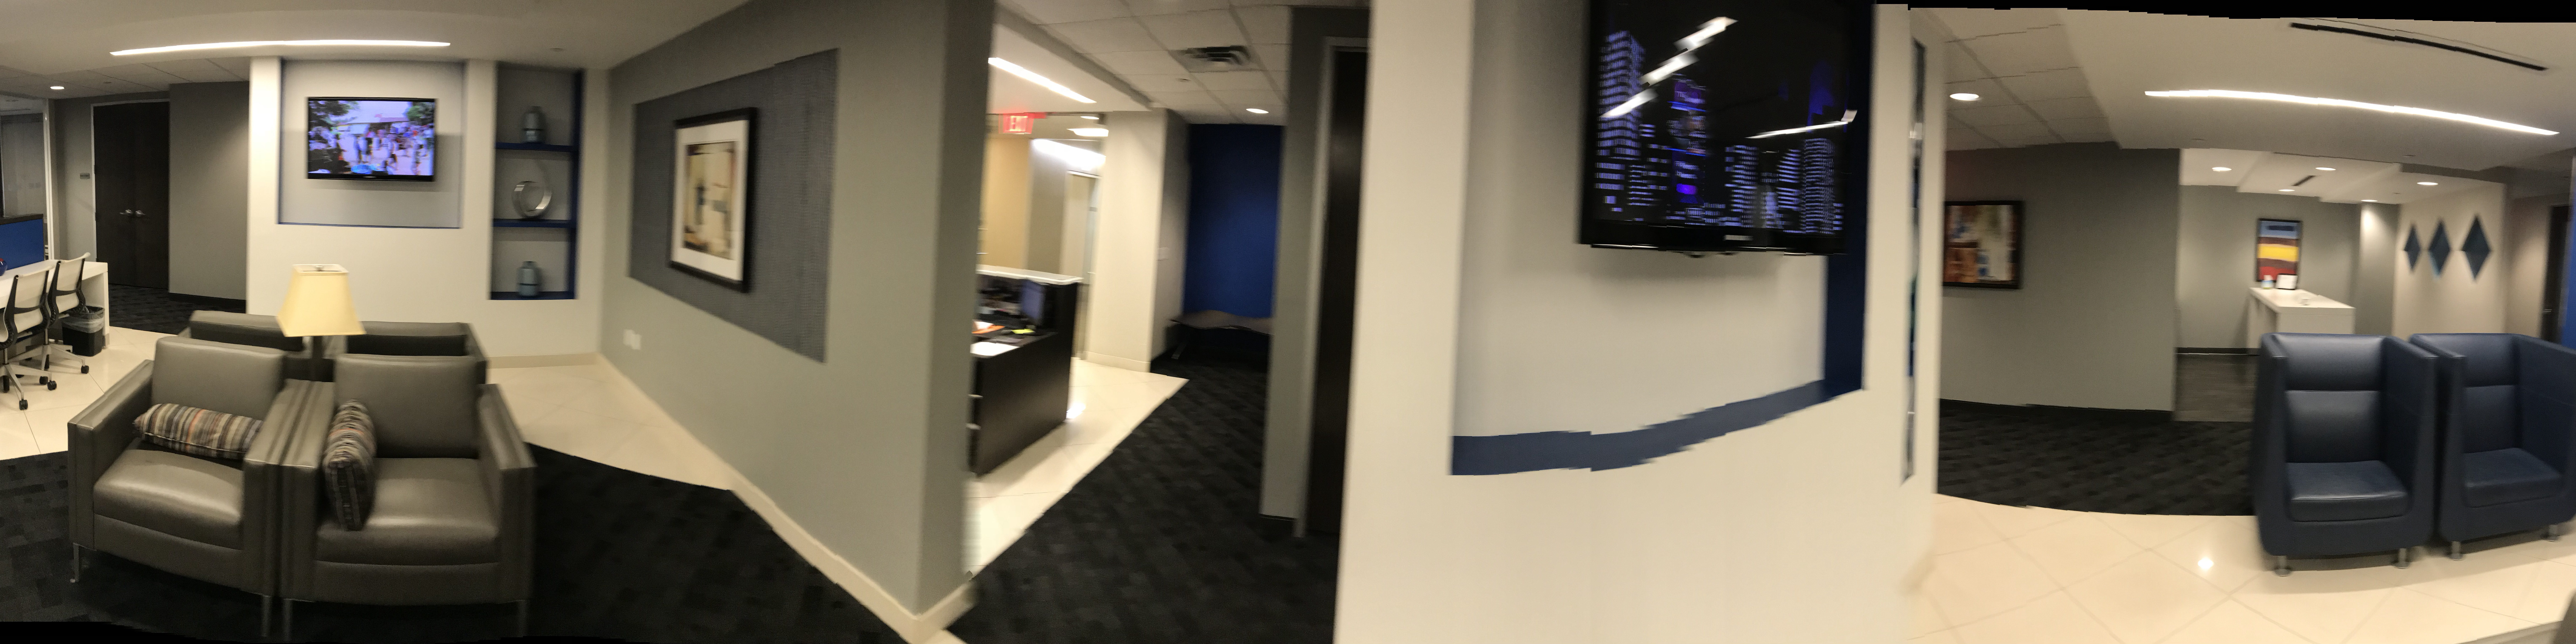 BINGE TV EXCLUSIVE STUDIO